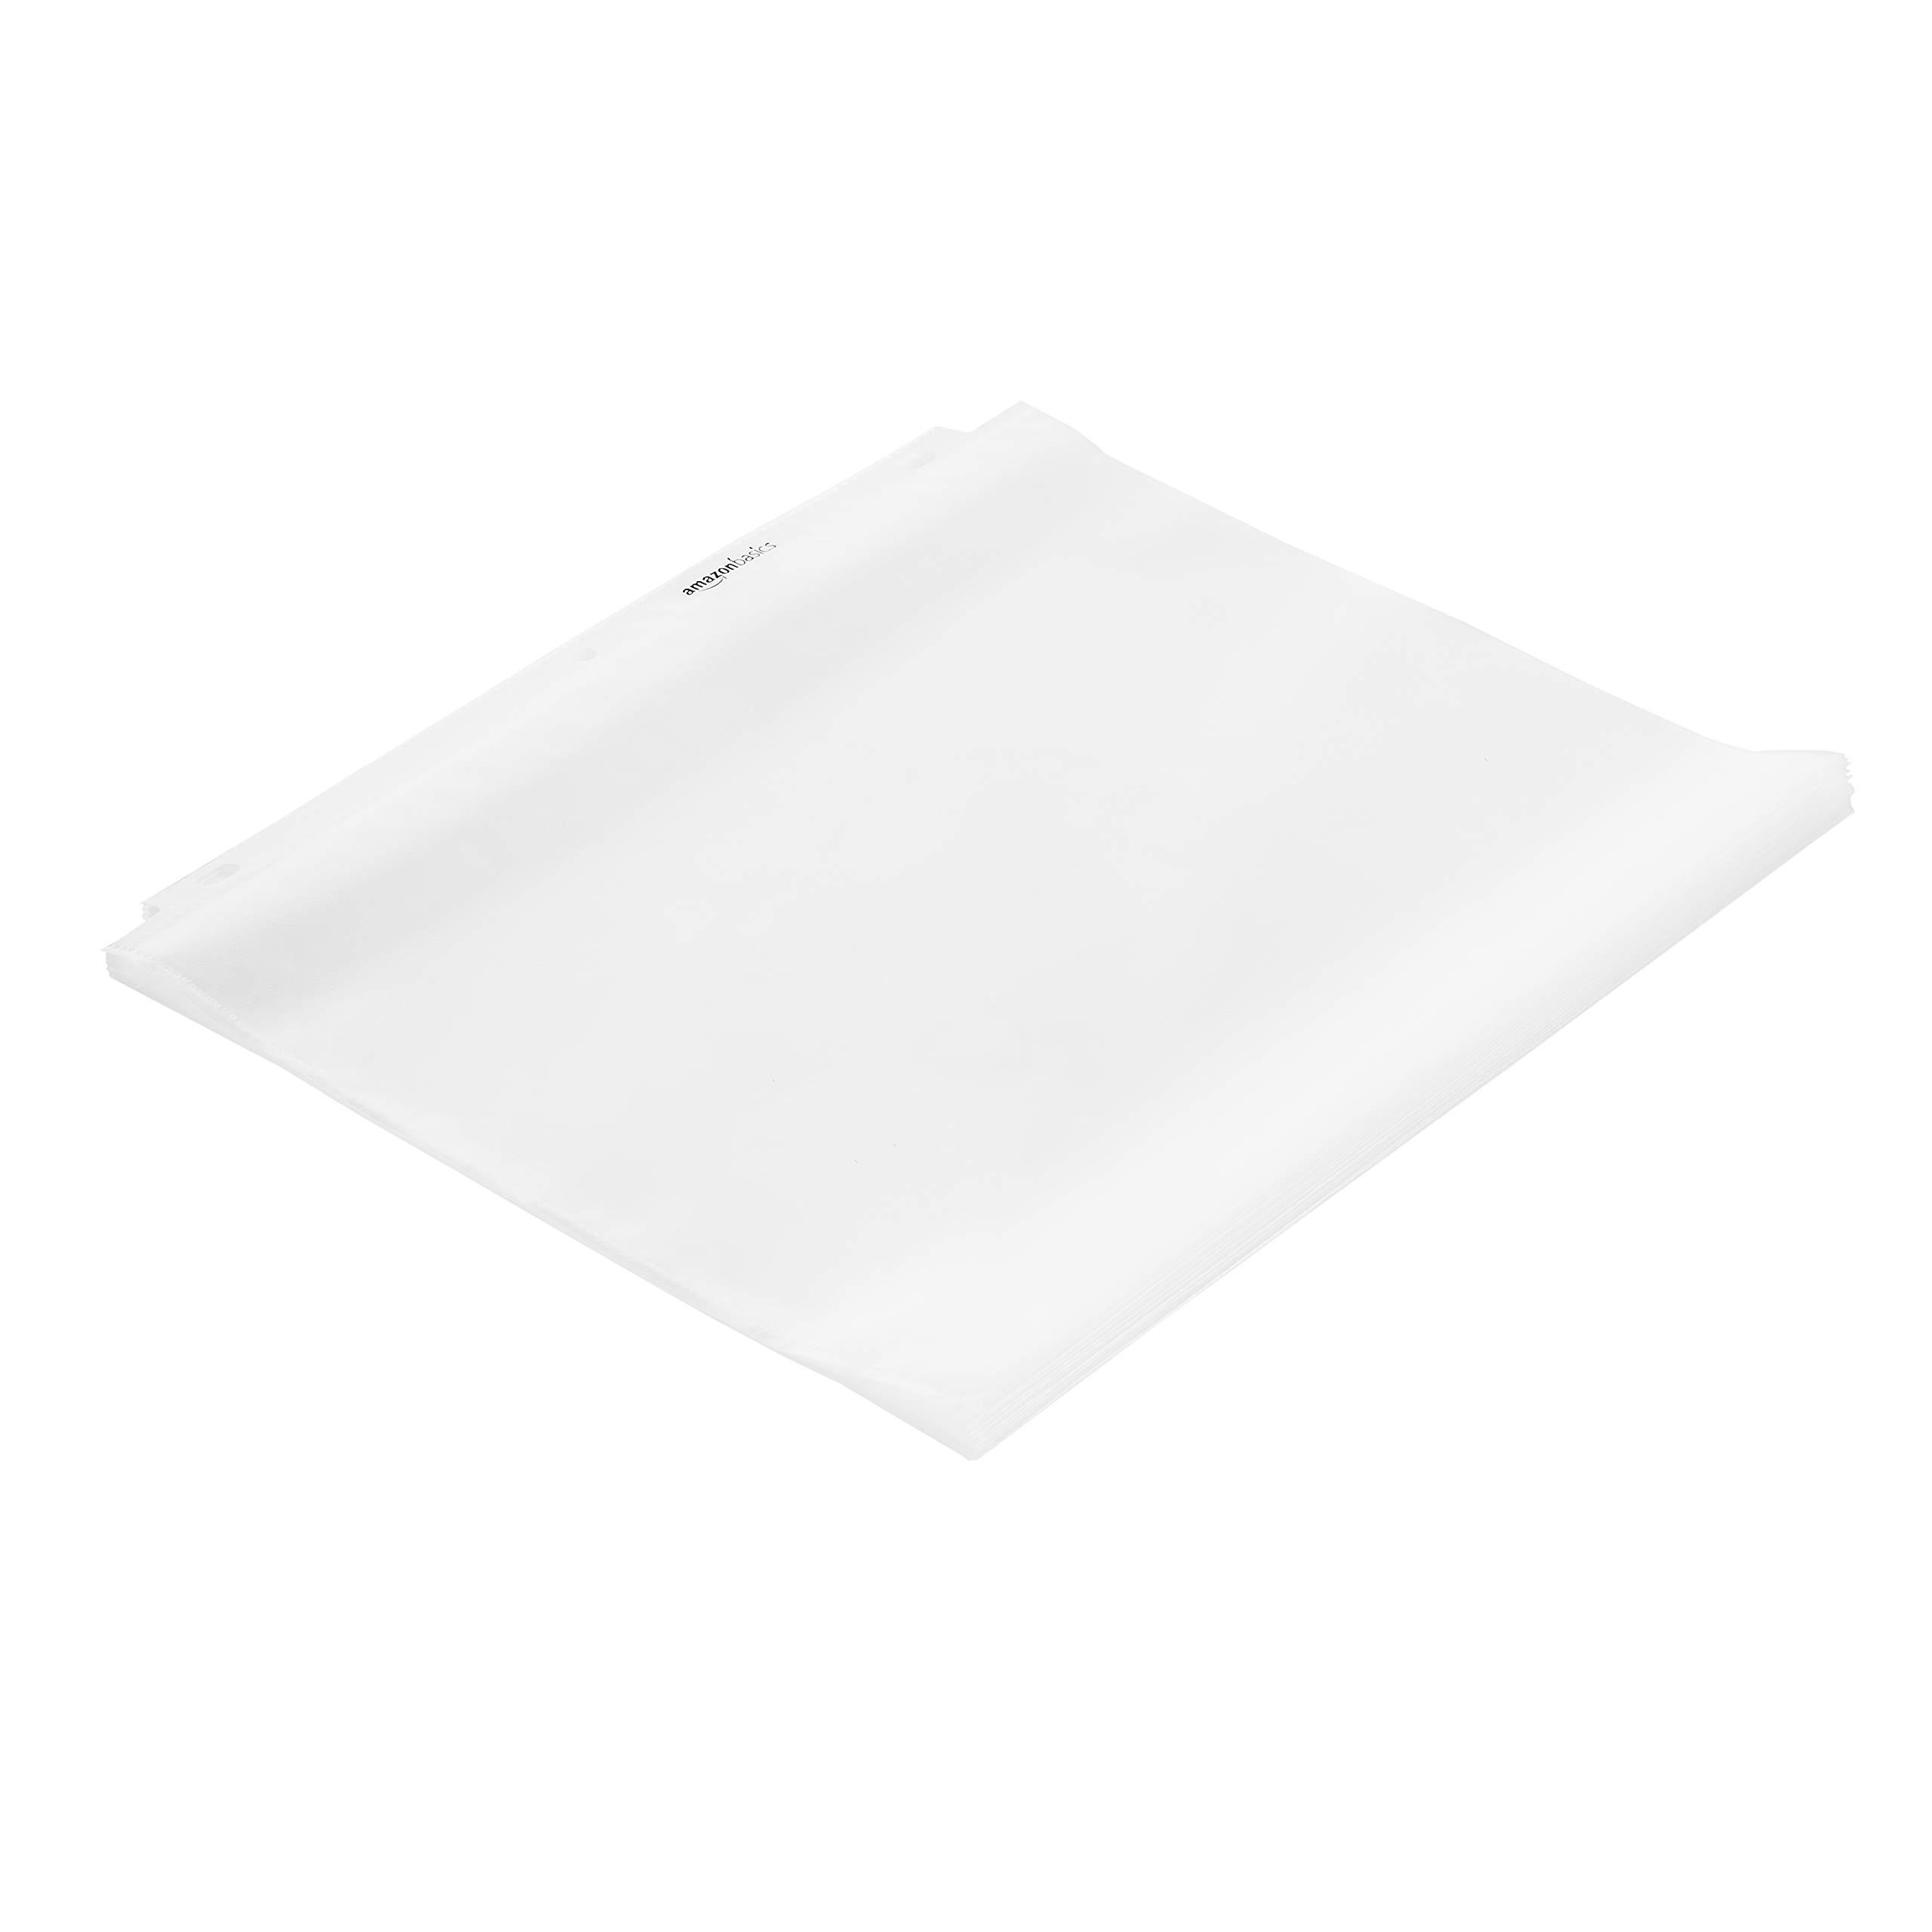 AmazonBasics Sheet Protector - Heavy Duty, Non-Glare, 500-Pack by AmazonBasics